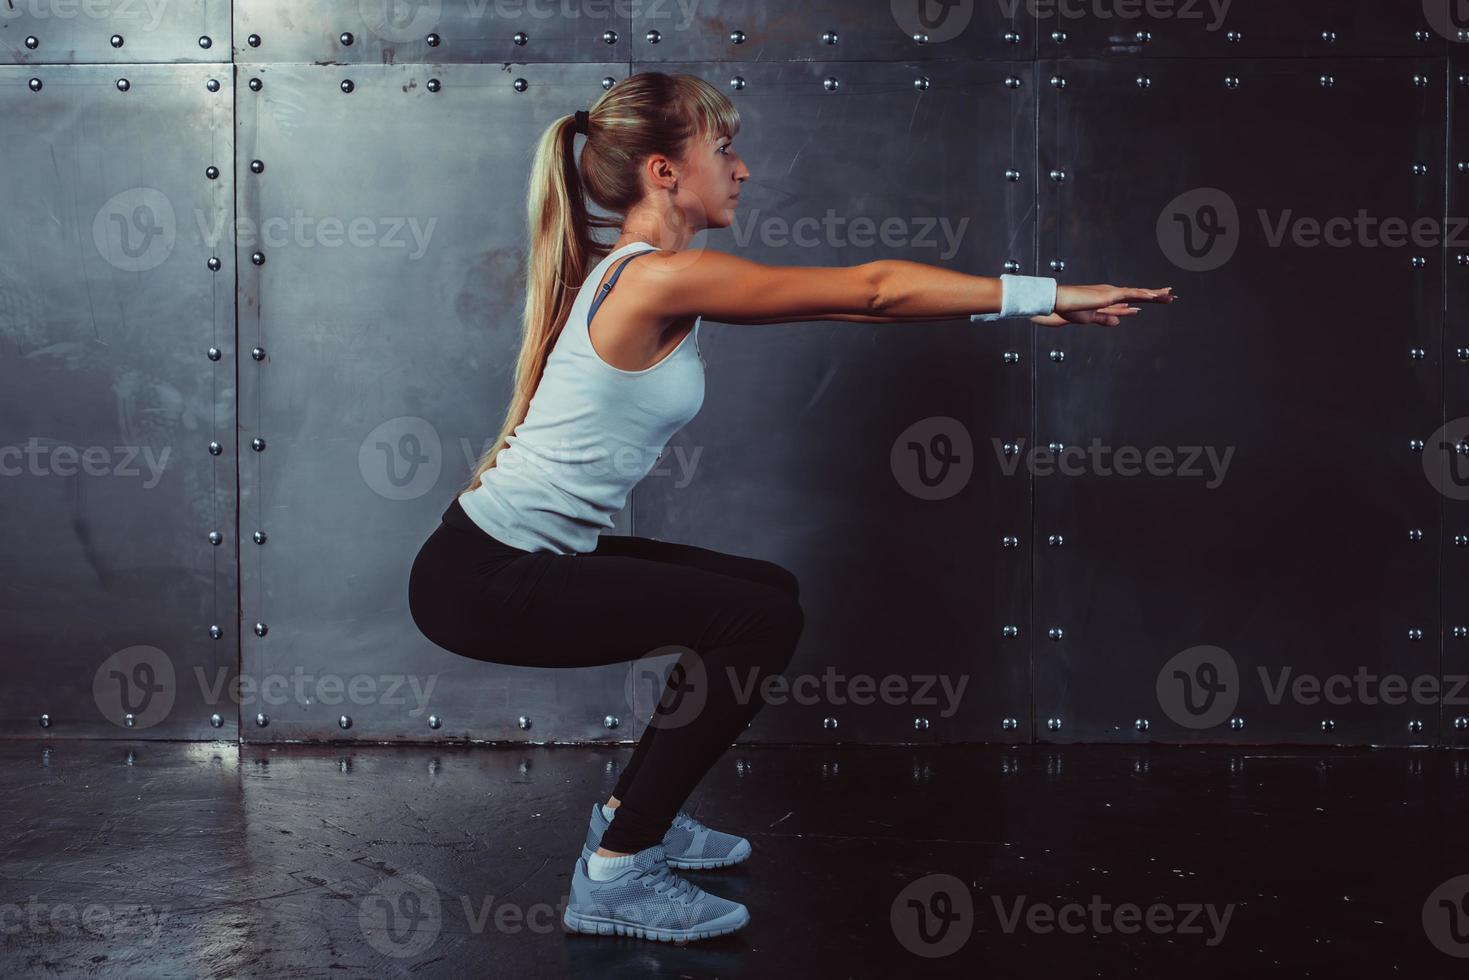 atletische jonge vrouw fitness model warming-up doen squats oefening foto